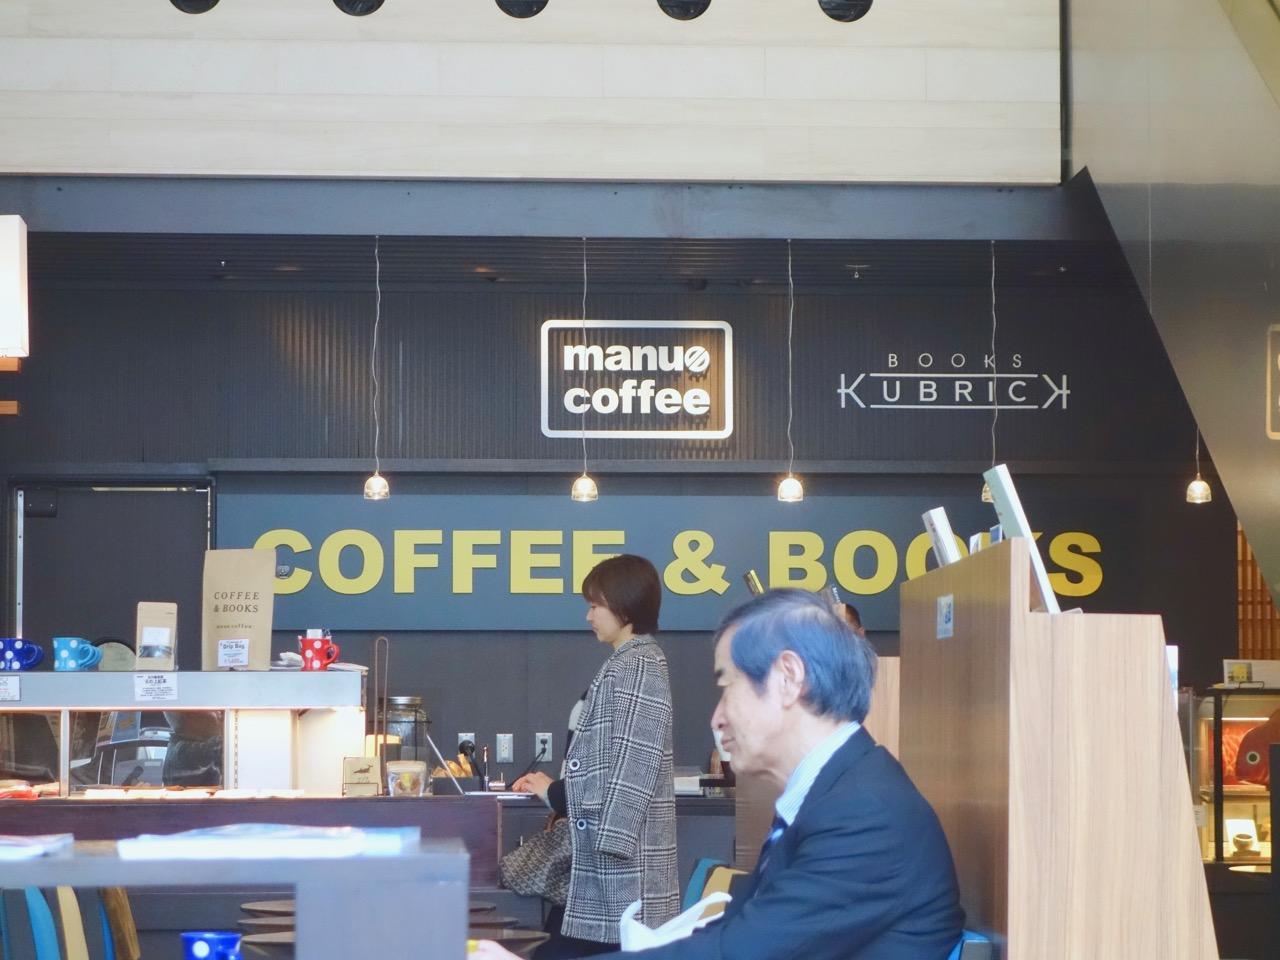 マヌコーヒー コーヒー&ブックス 博多駅東にある本も読めるゆったりカフェ